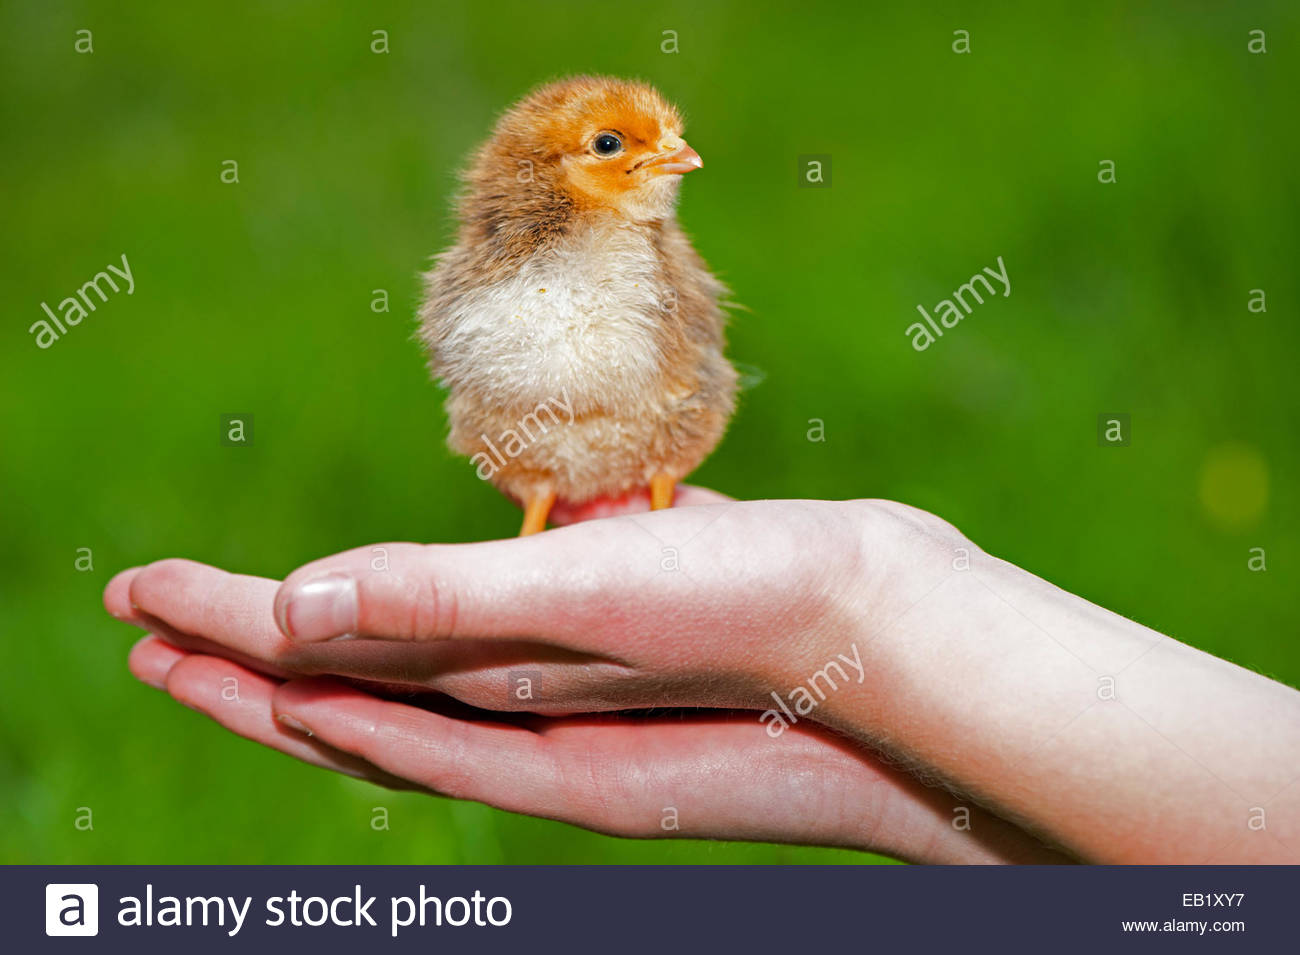 giorno-vecchio-pulcino-di-pollame-tenuto-in-una-mano-per-i-bambini-eb1xy7